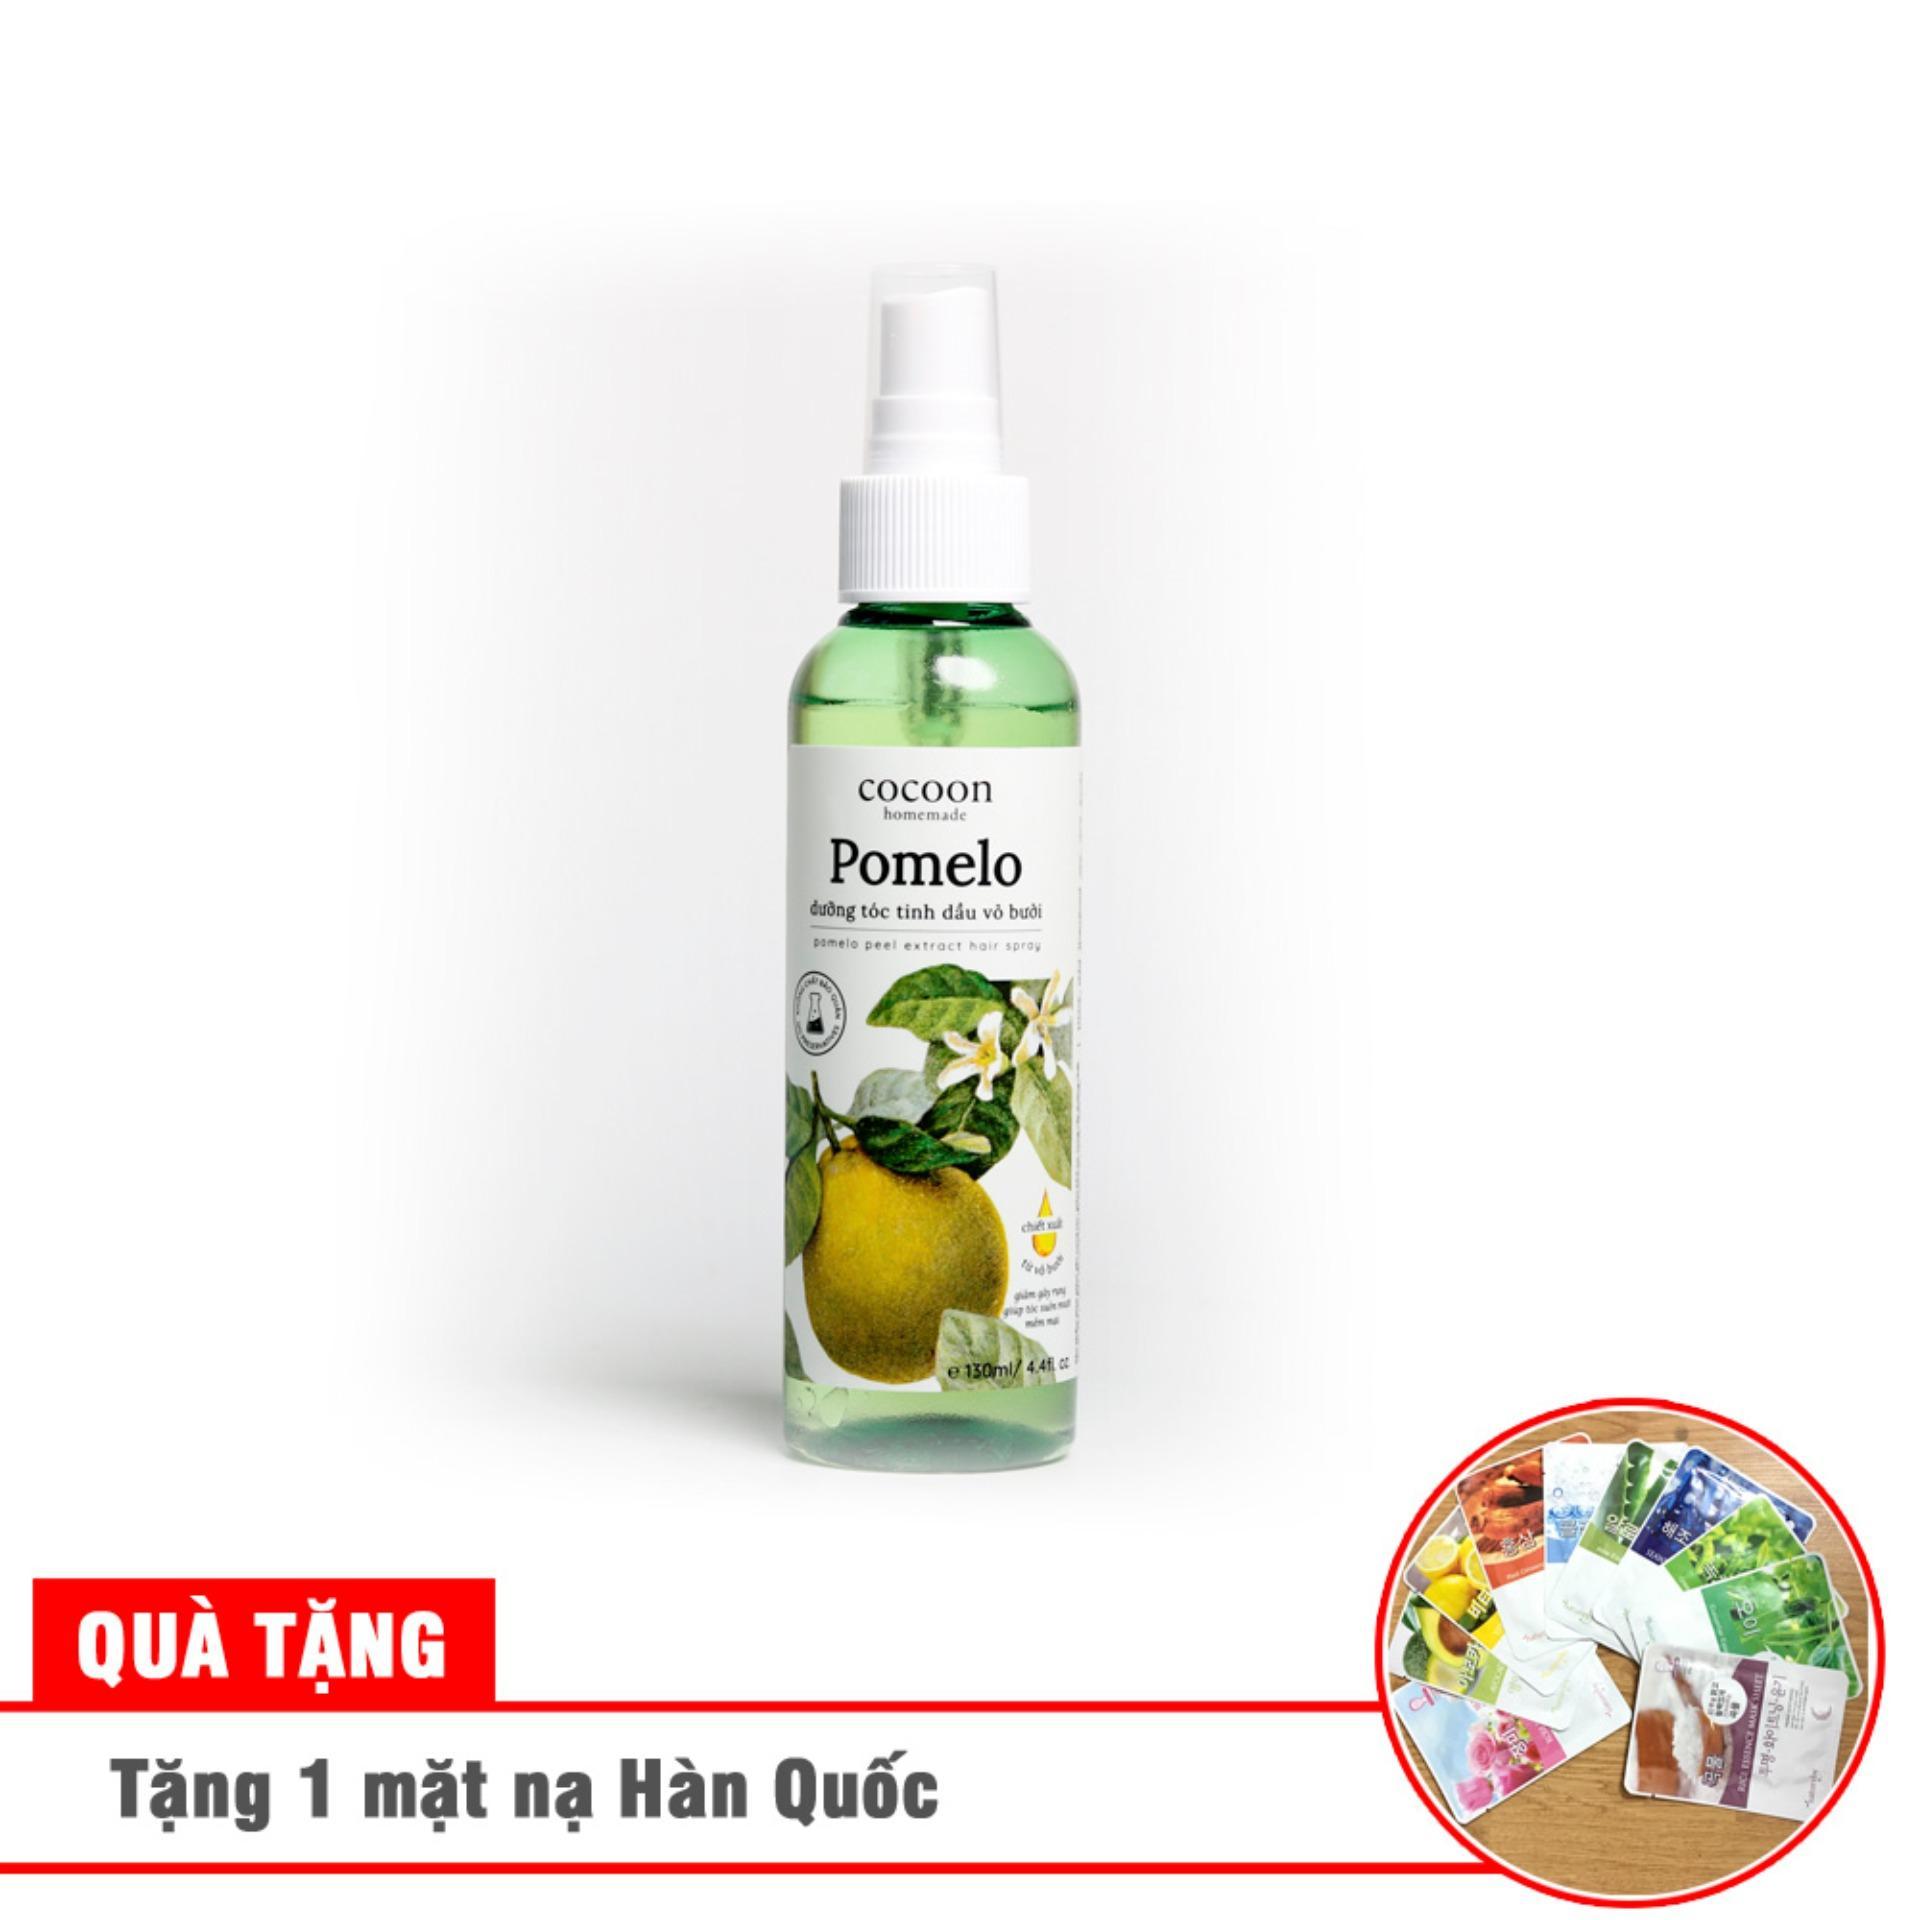 Tinh dầu bưởi chống rụng tóc, giúp mọc tóc pomelo 130ml Tặng 1 son